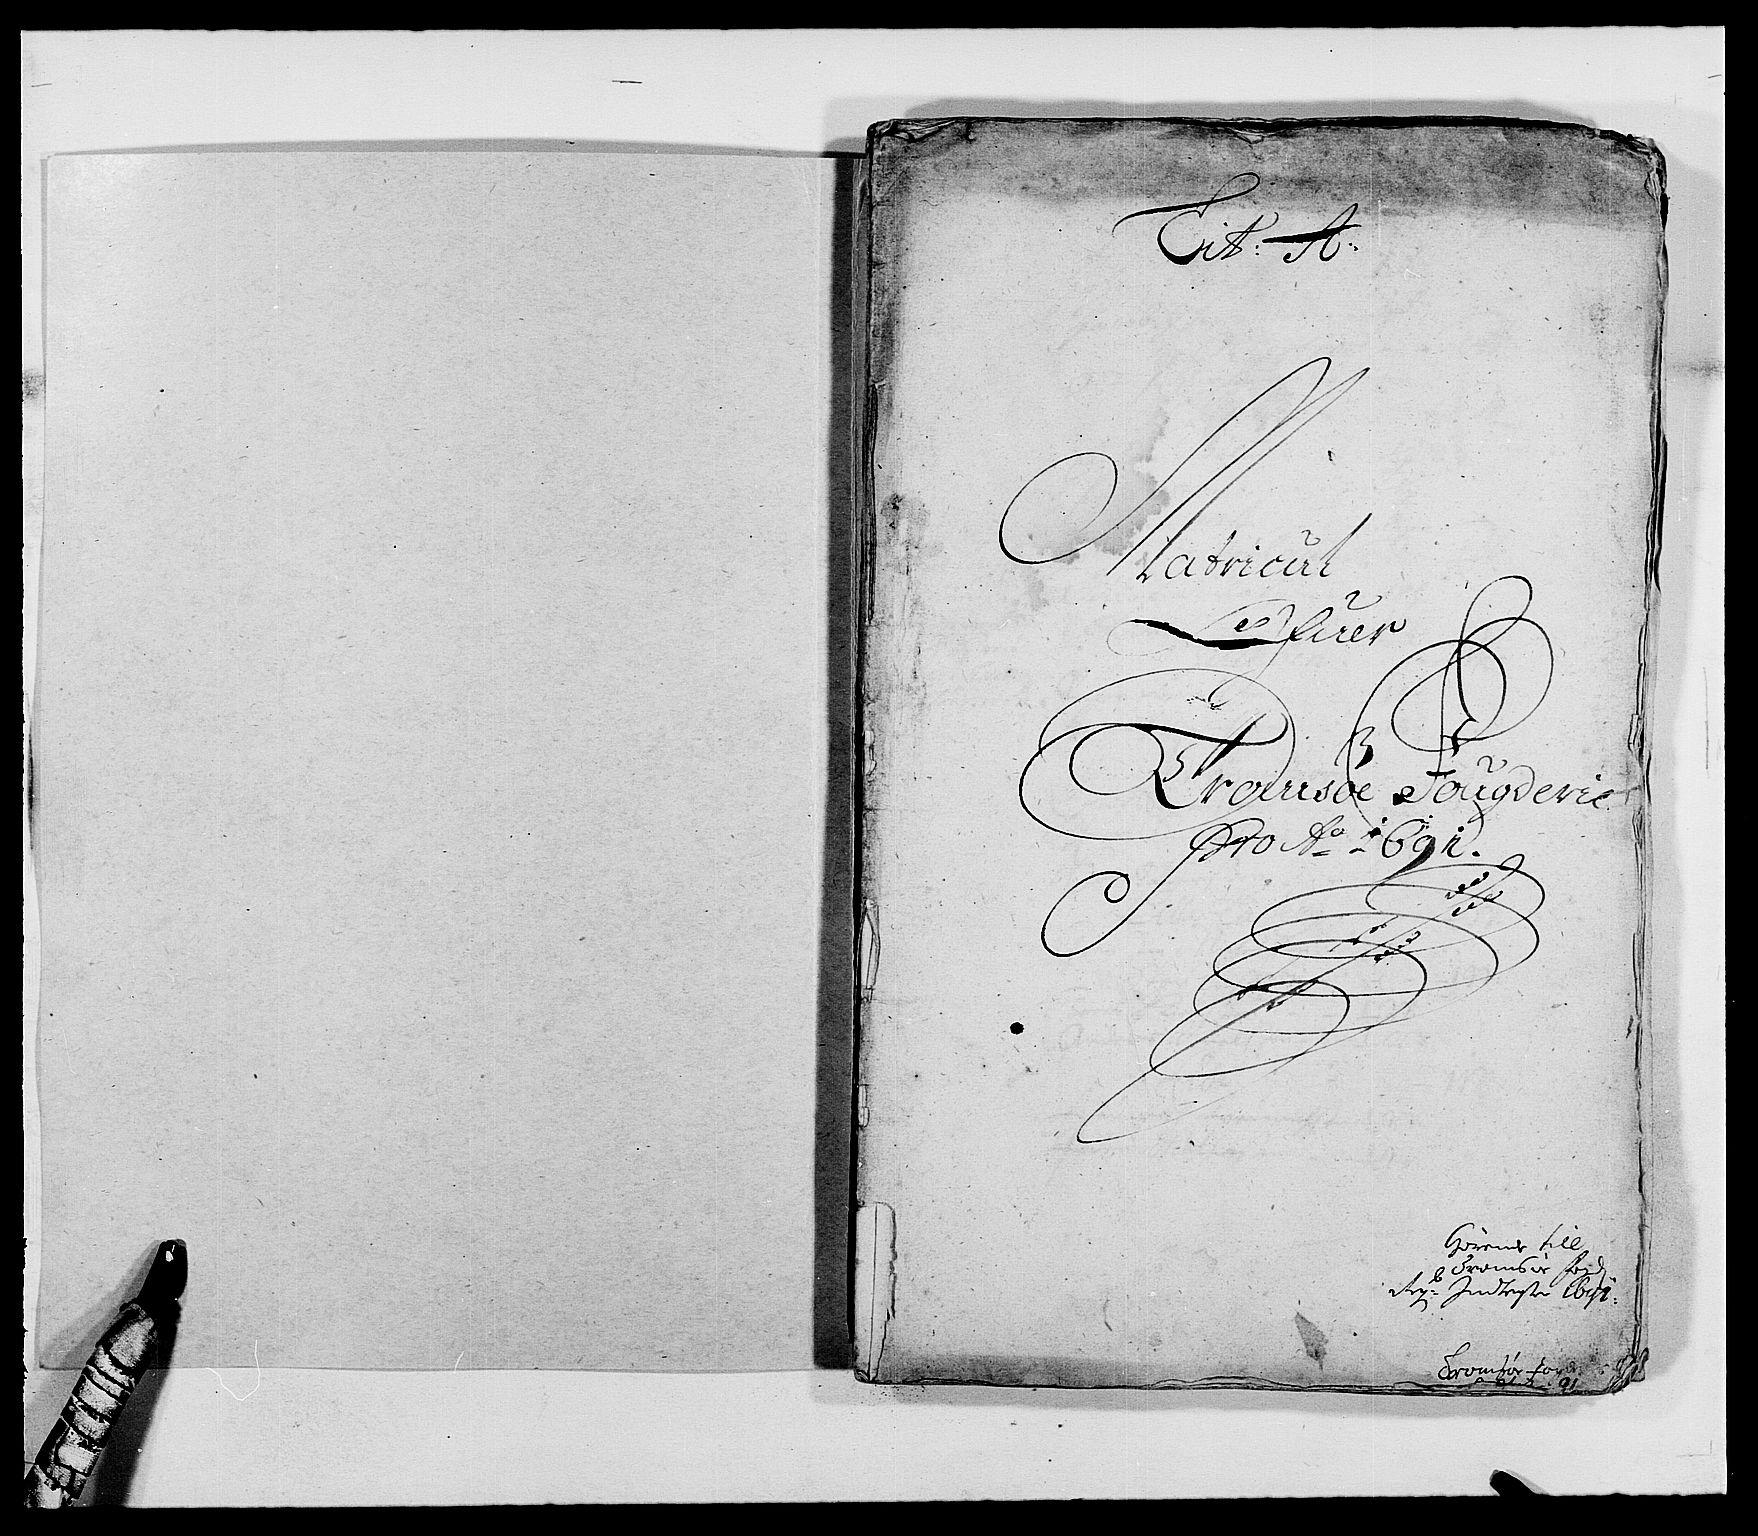 RA, Rentekammeret inntil 1814, Reviderte regnskaper, Fogderegnskap, R68/L4751: Fogderegnskap Senja og Troms, 1690-1693, s. 76